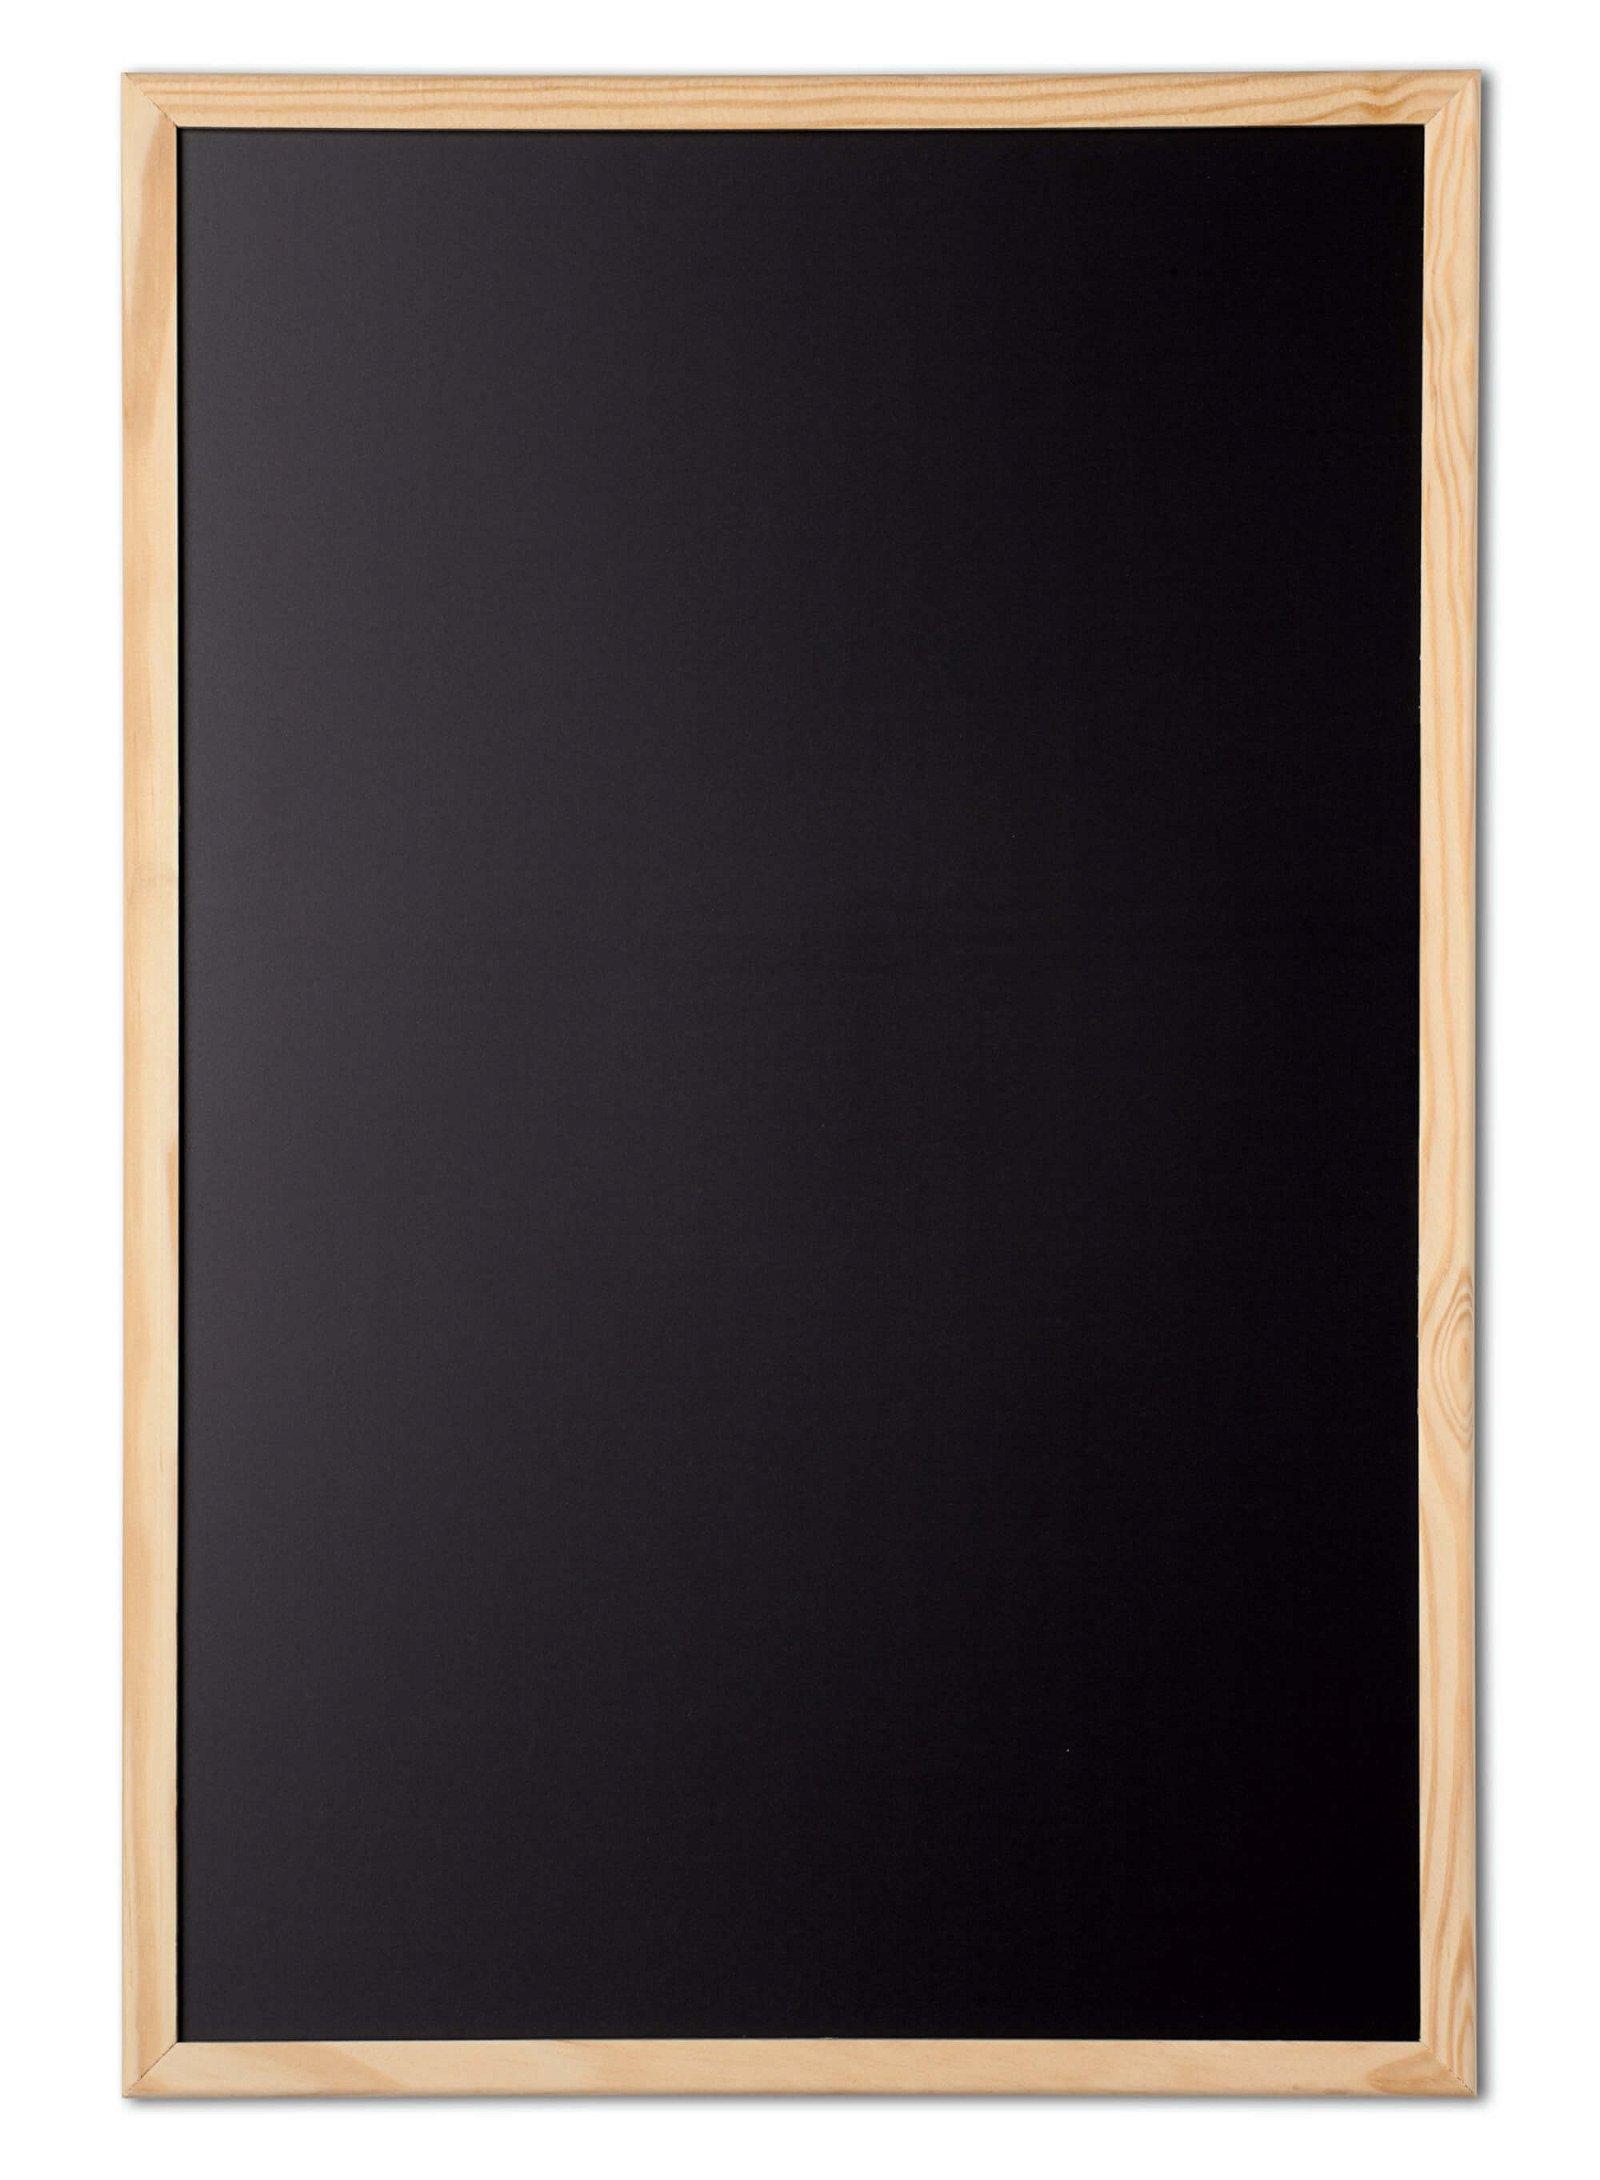 Kreidetafel mit Holzrahmen 60x90 cm, holz